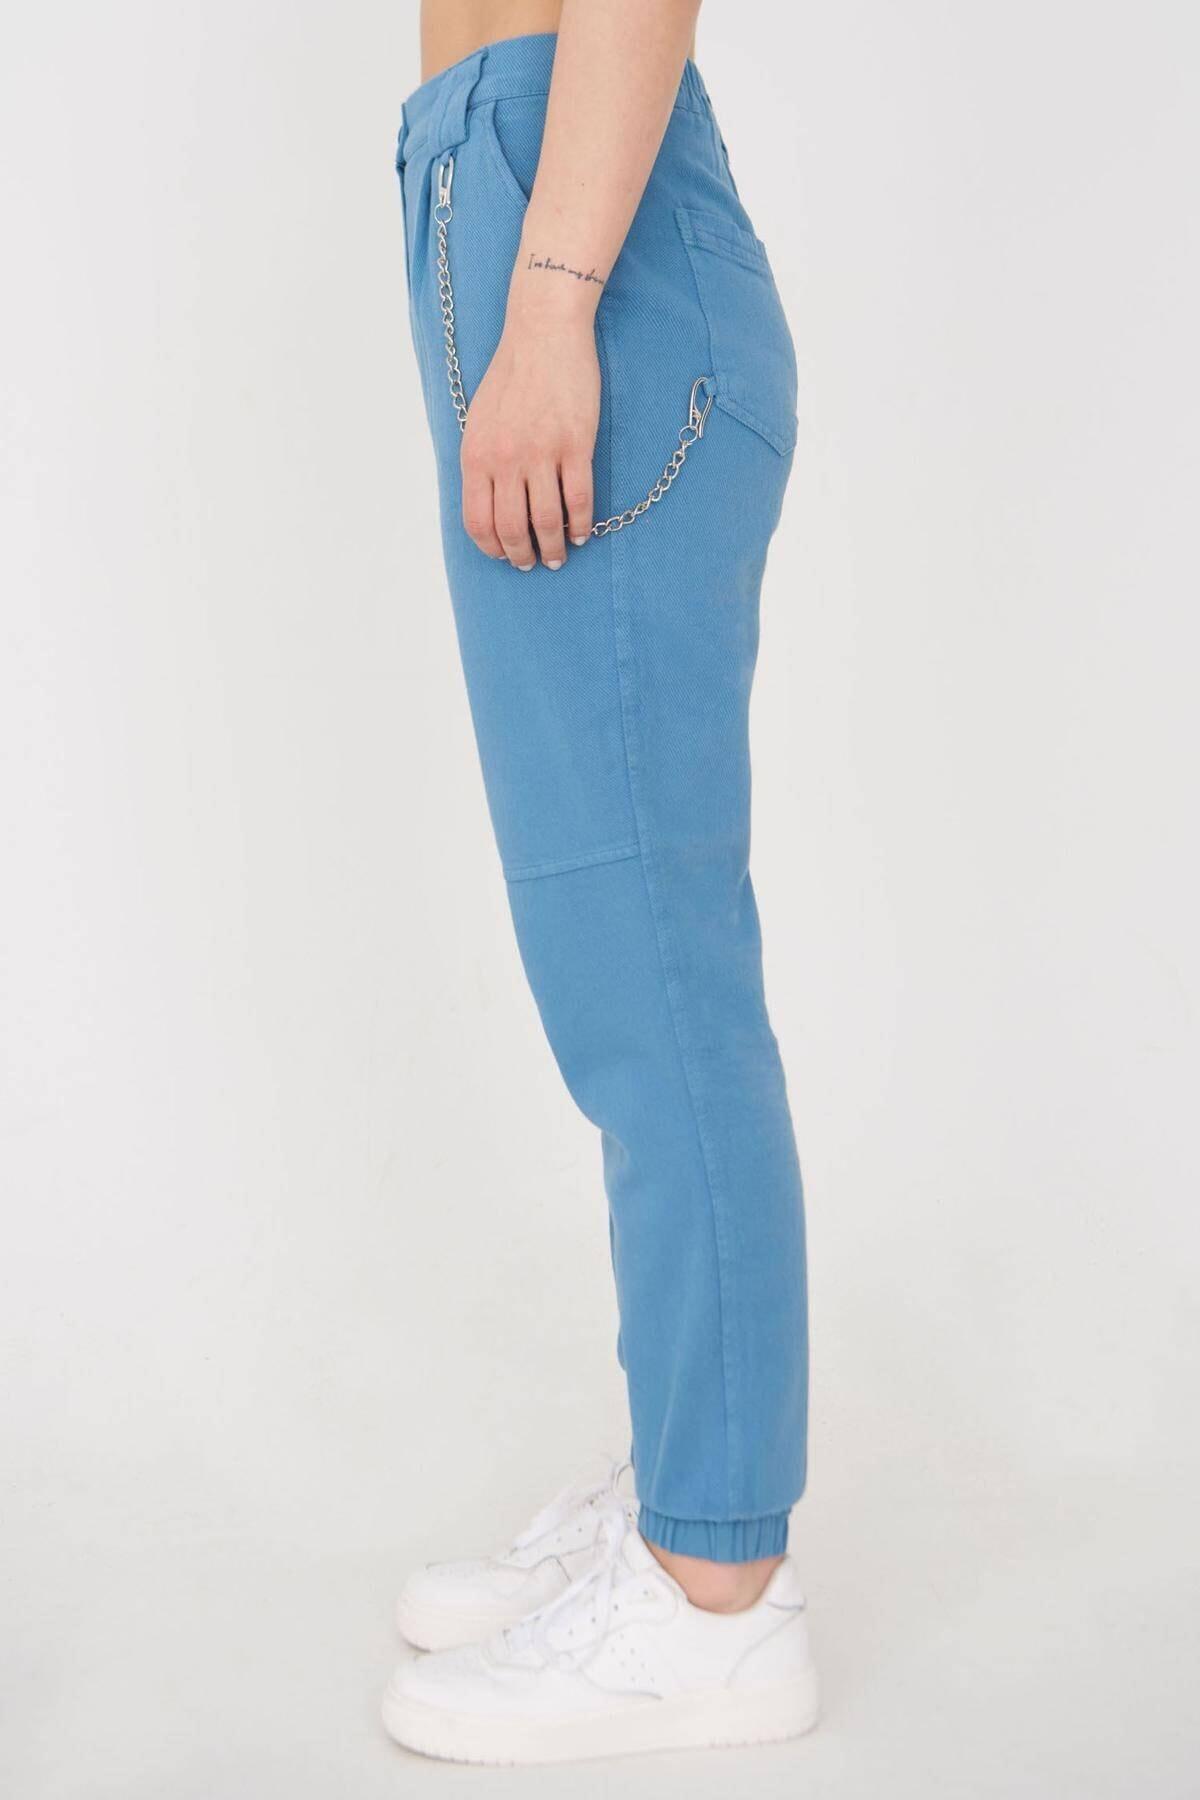 Addax Kadın Mavi Zincir Detaylı Pantolon Pn01-0073 - S11 Adx-0000024102 2